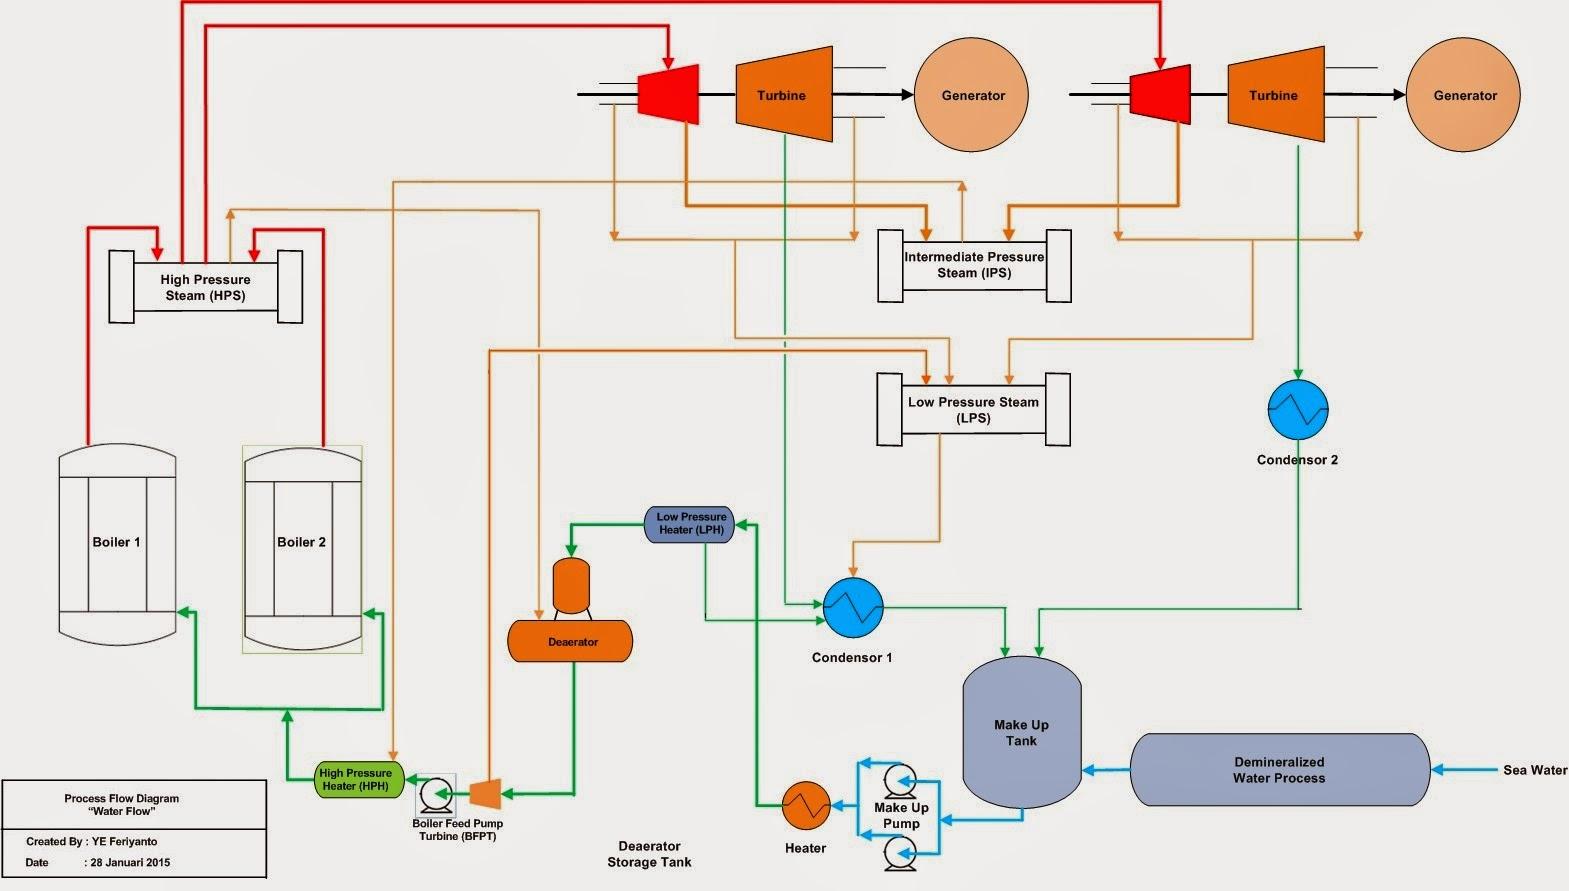 Mengenal Lebih Dalam Teknik Kimia  Water Process Dan